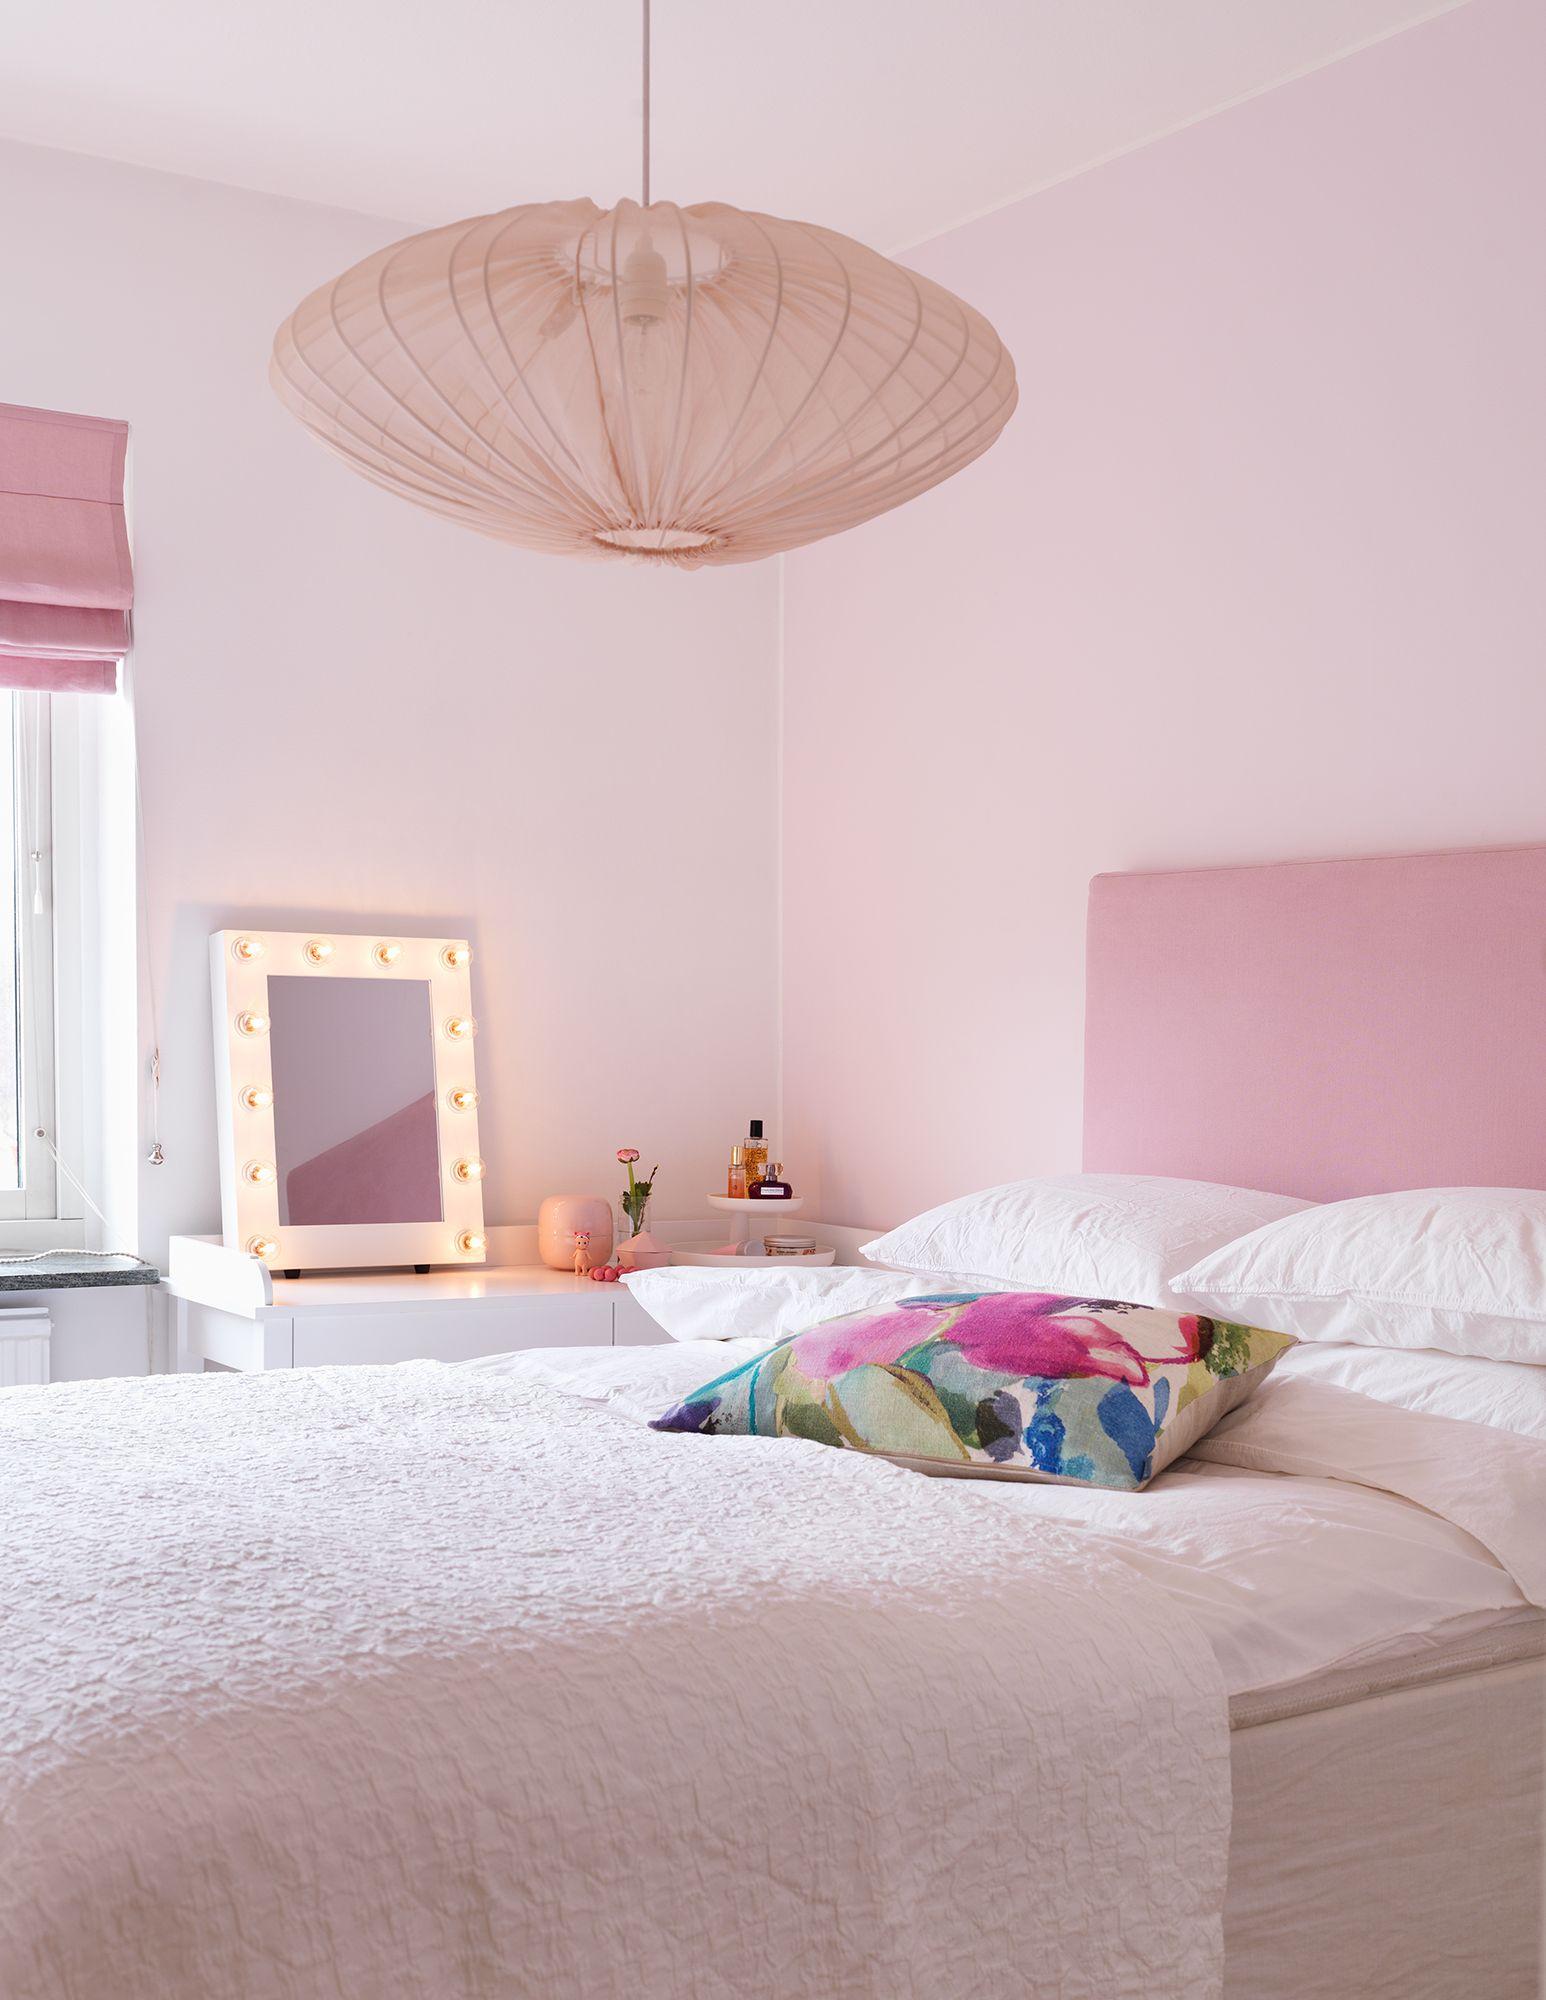 Sovrum - Inrett i ljusa rosa toner med klädd sänggavel ...